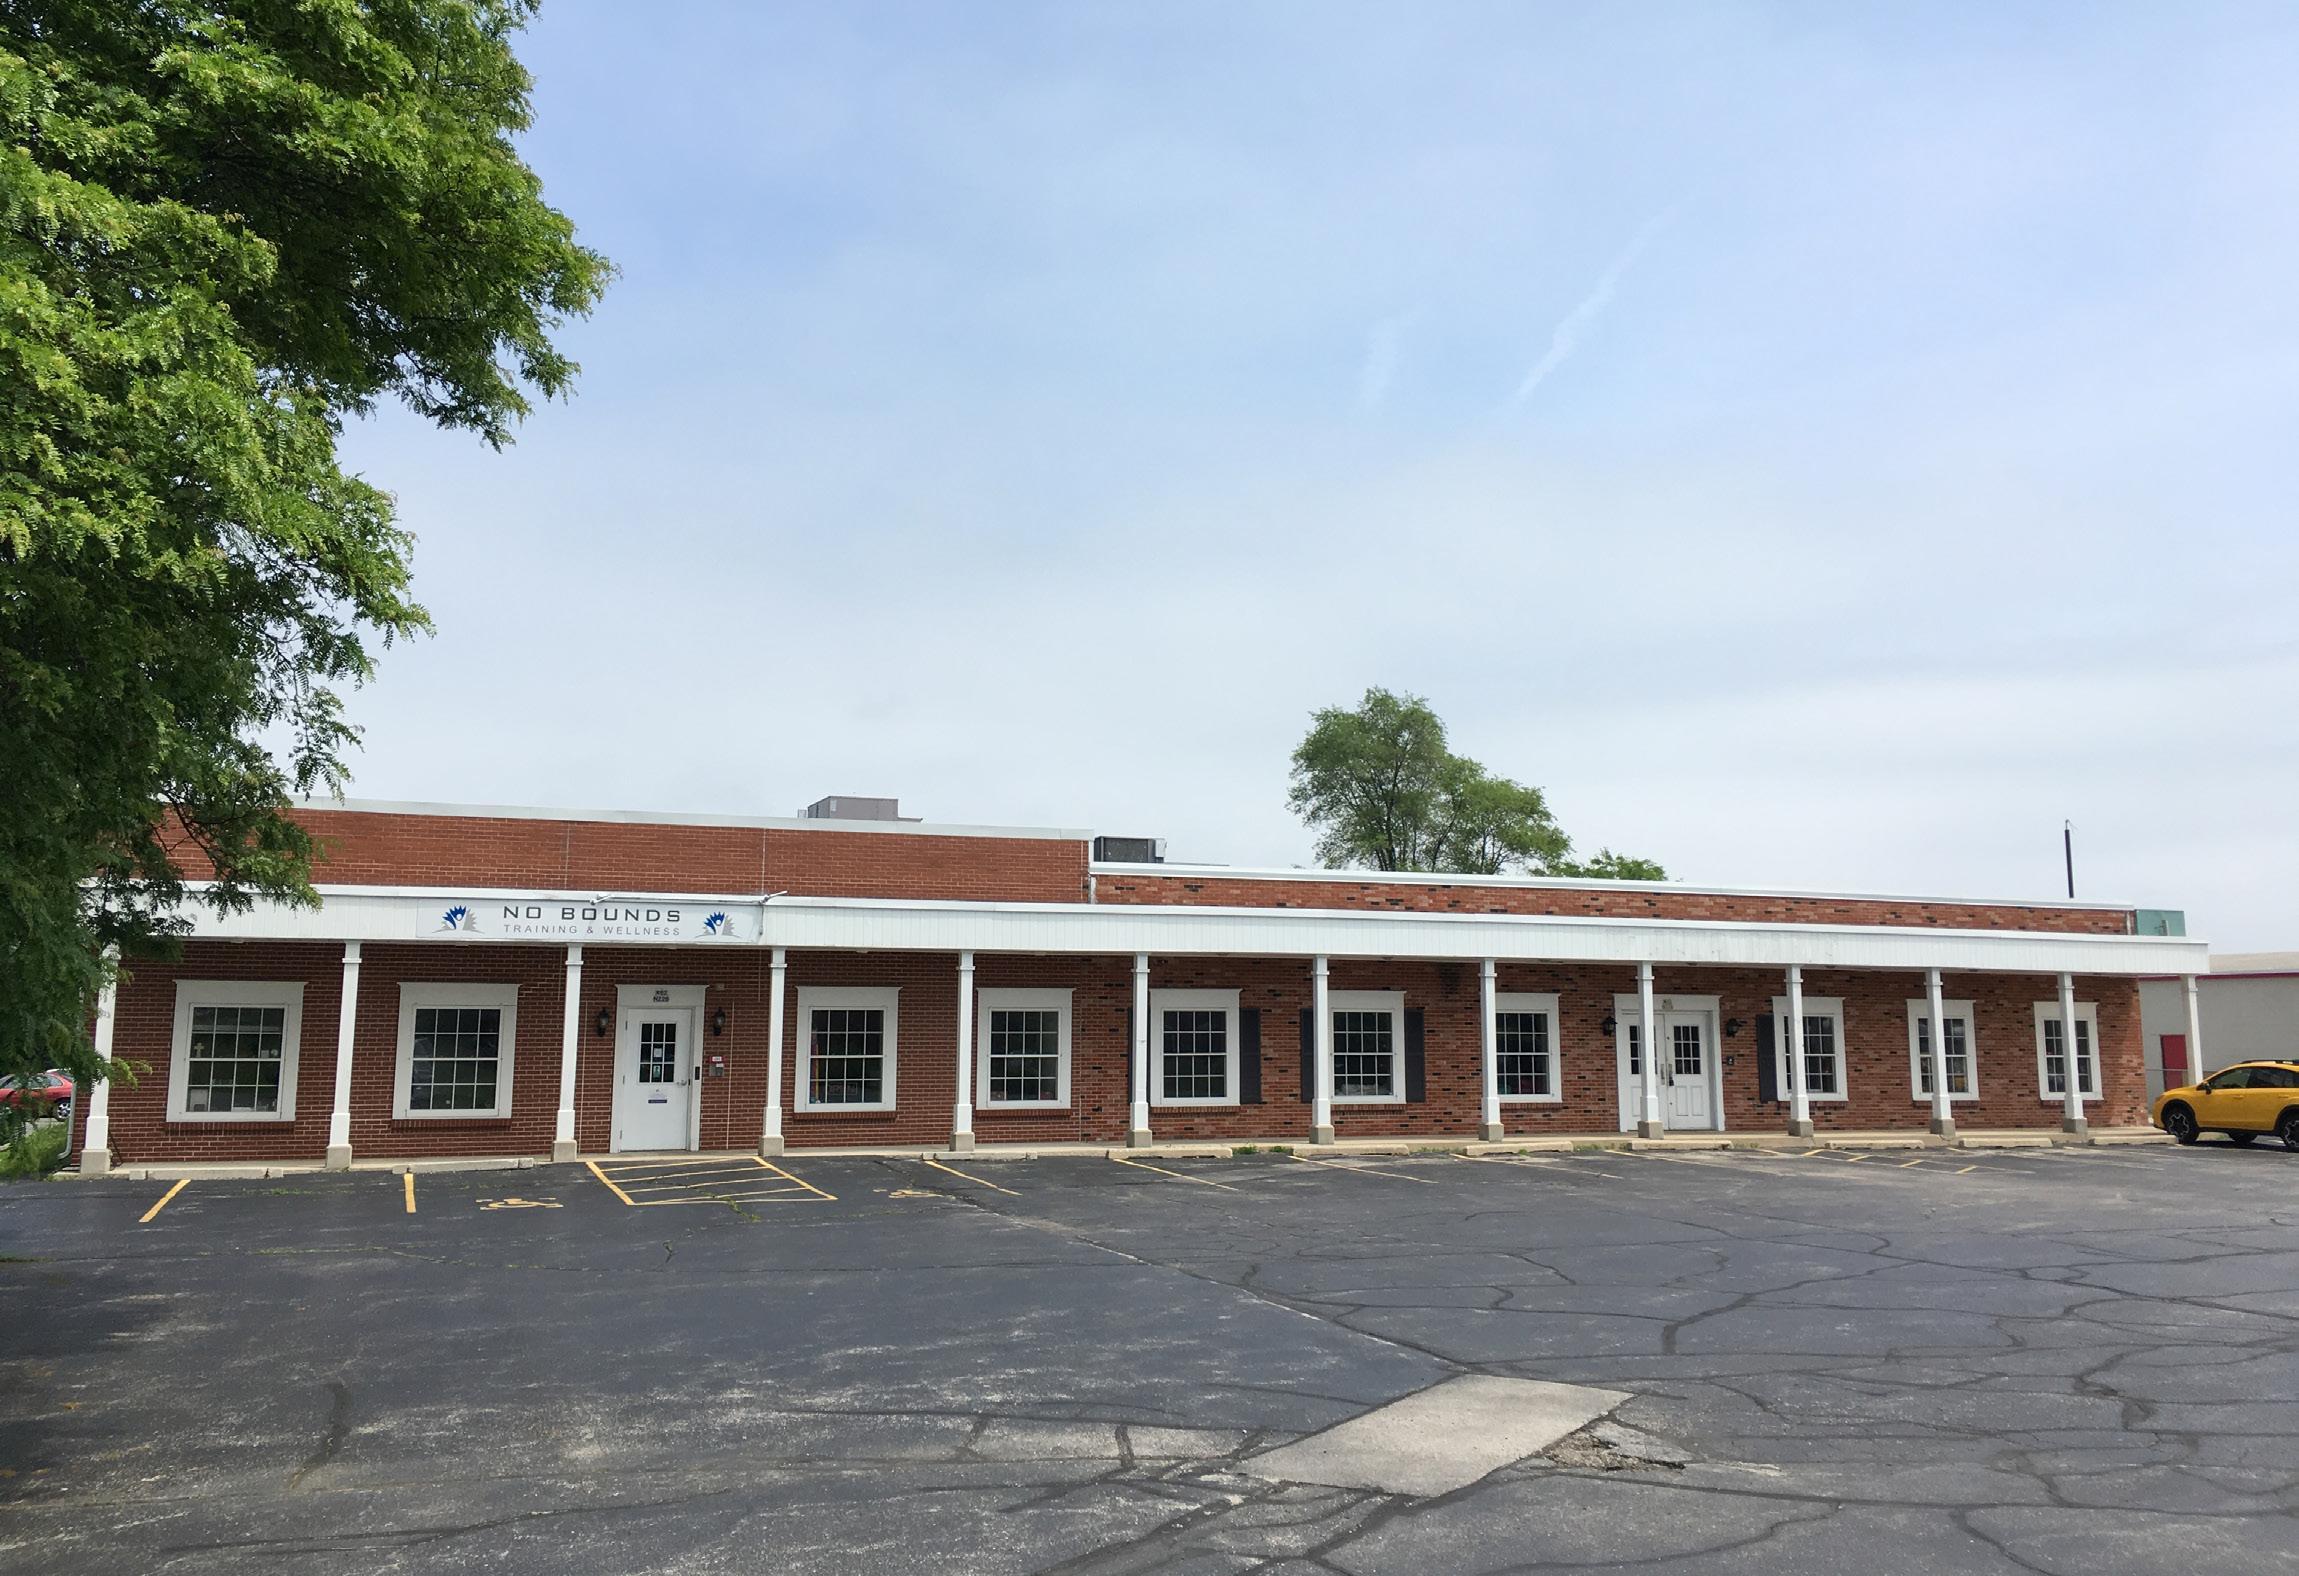 Photo of W62N226 Washington Ave, Cedarburg, WI 53012